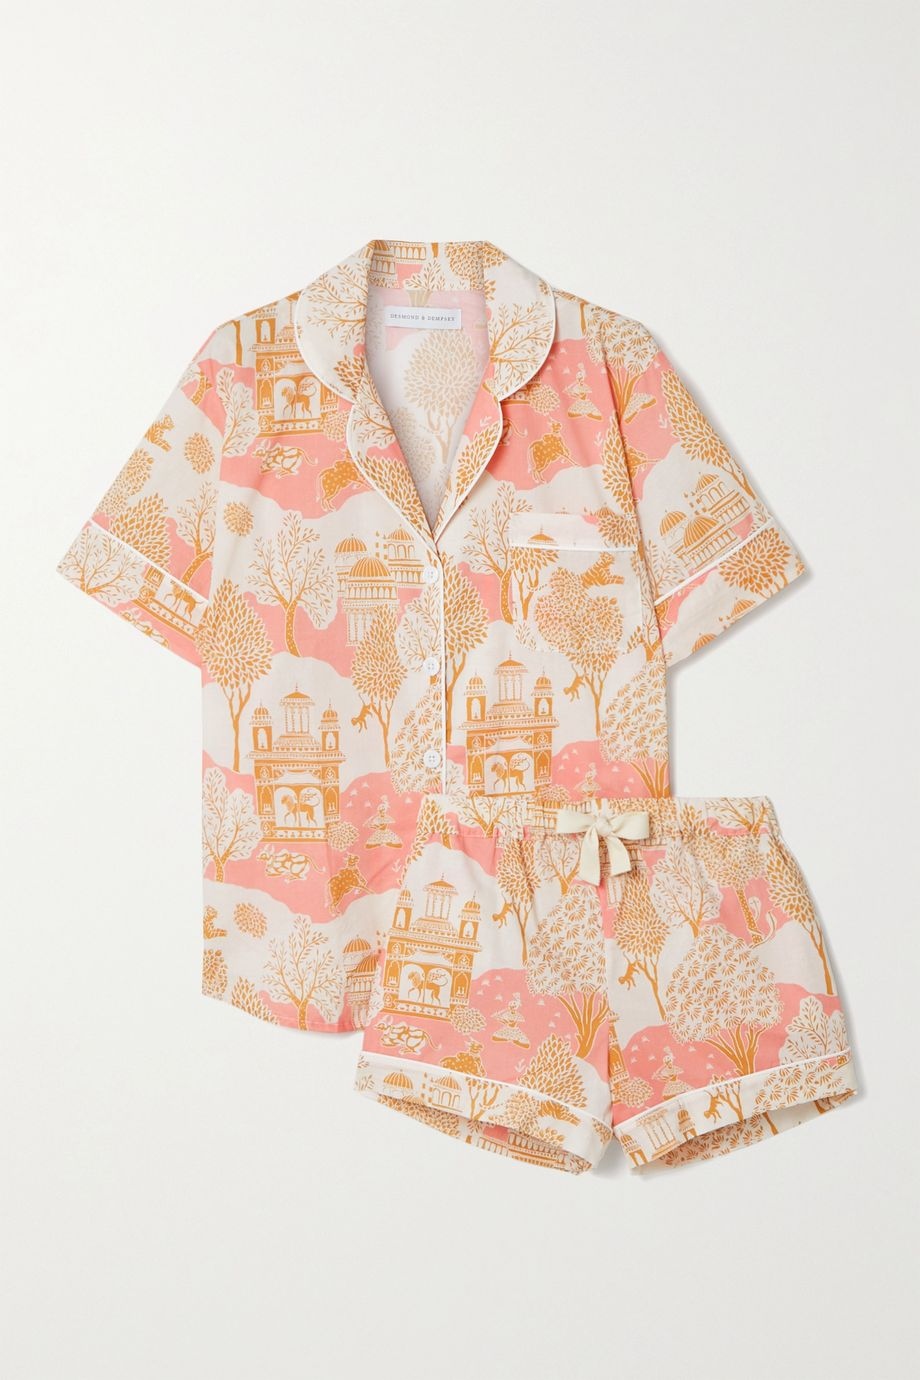 Desmond & Dempsey India Pyjama aus bedruckter Biobaumwolle